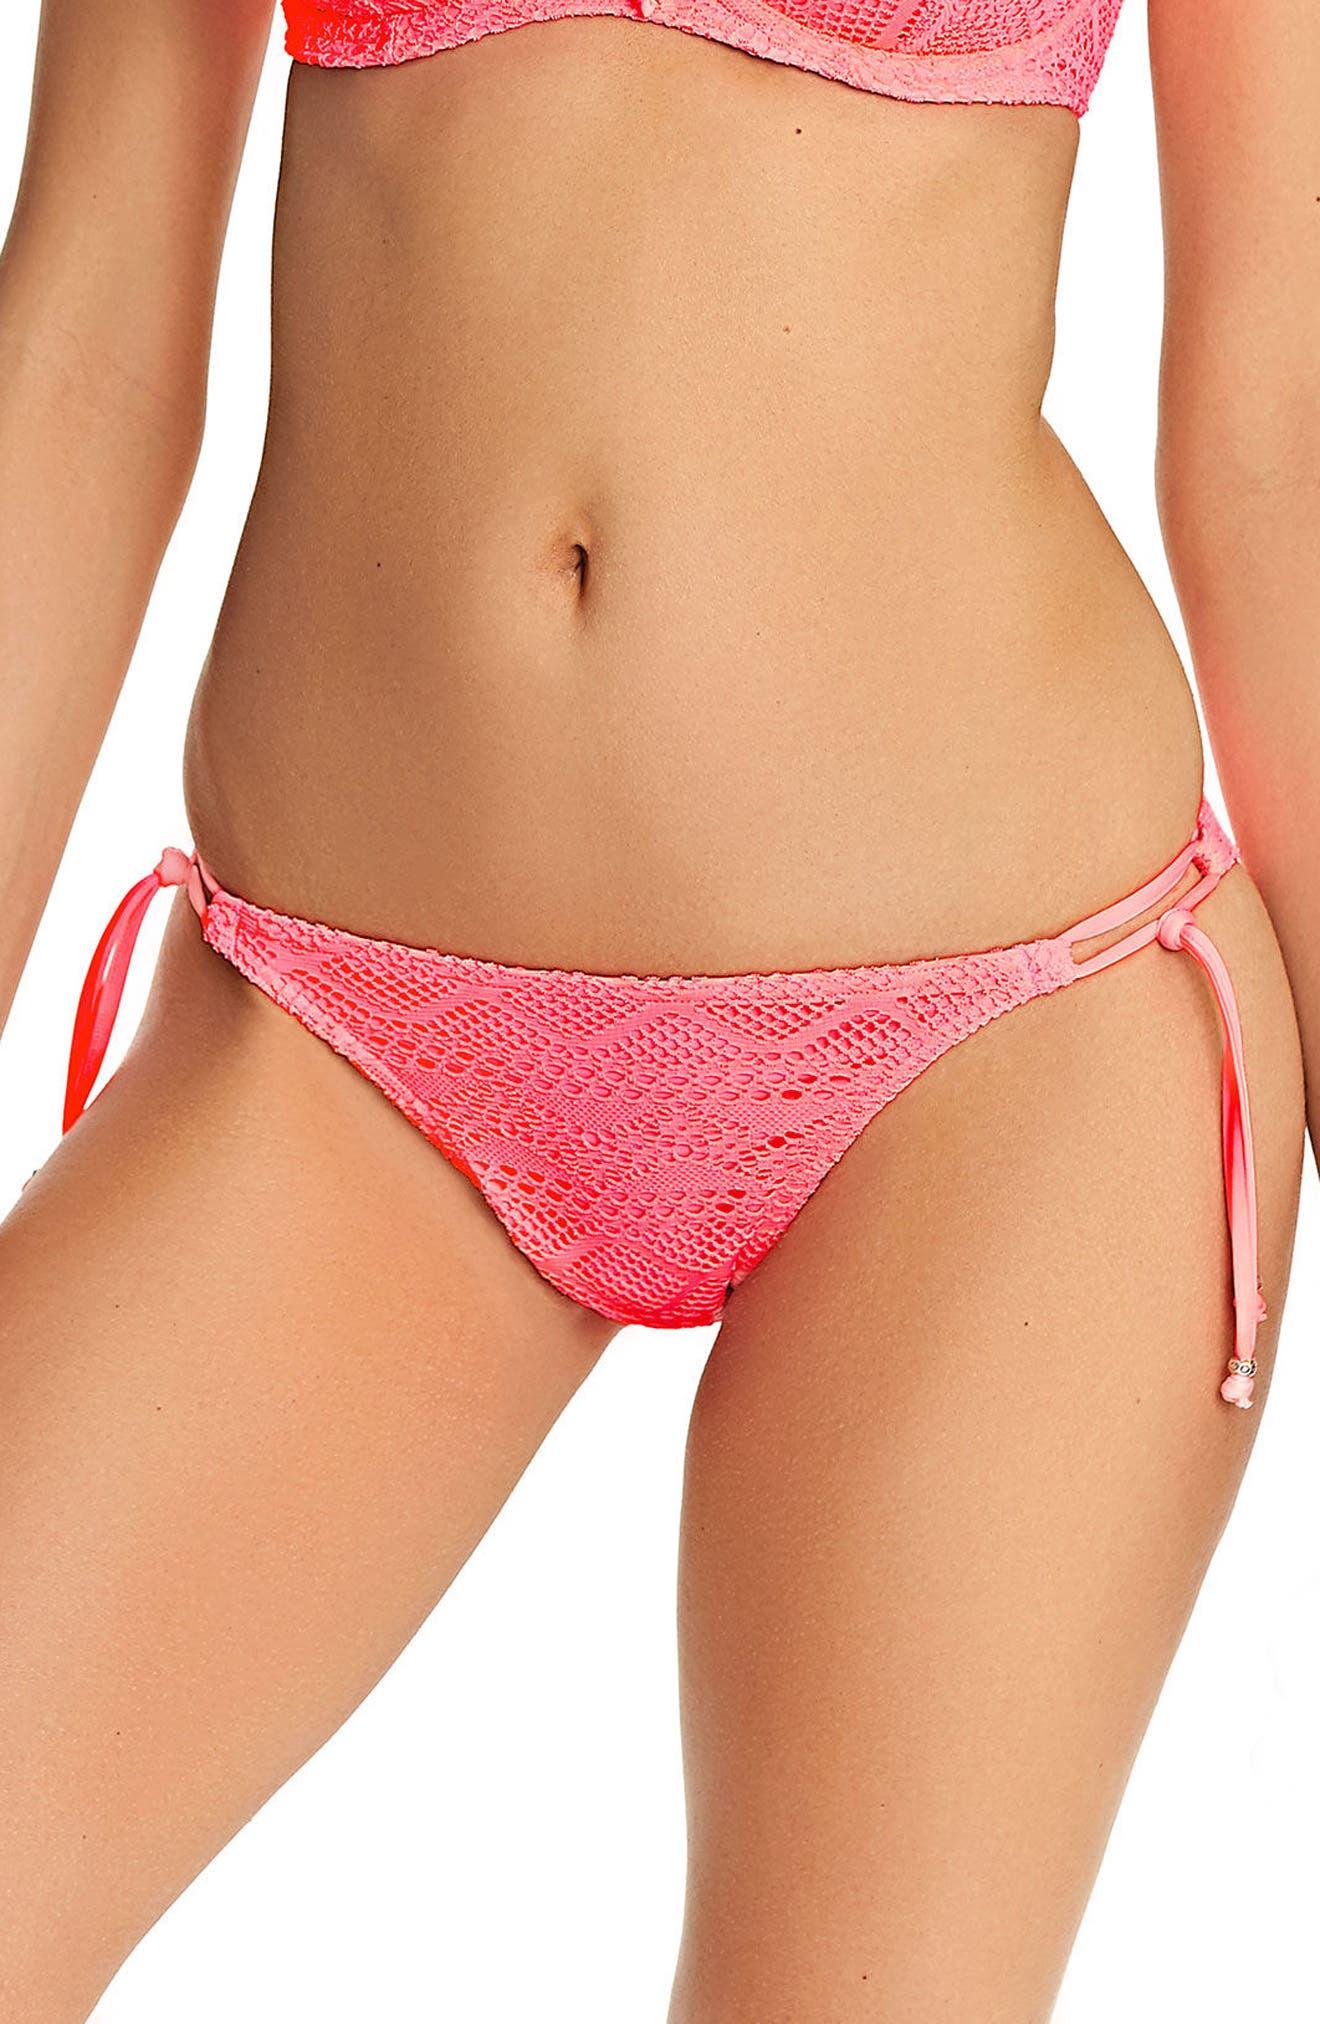 Freya 'Sundance Rio' Tie Sides Bikini Bottoms